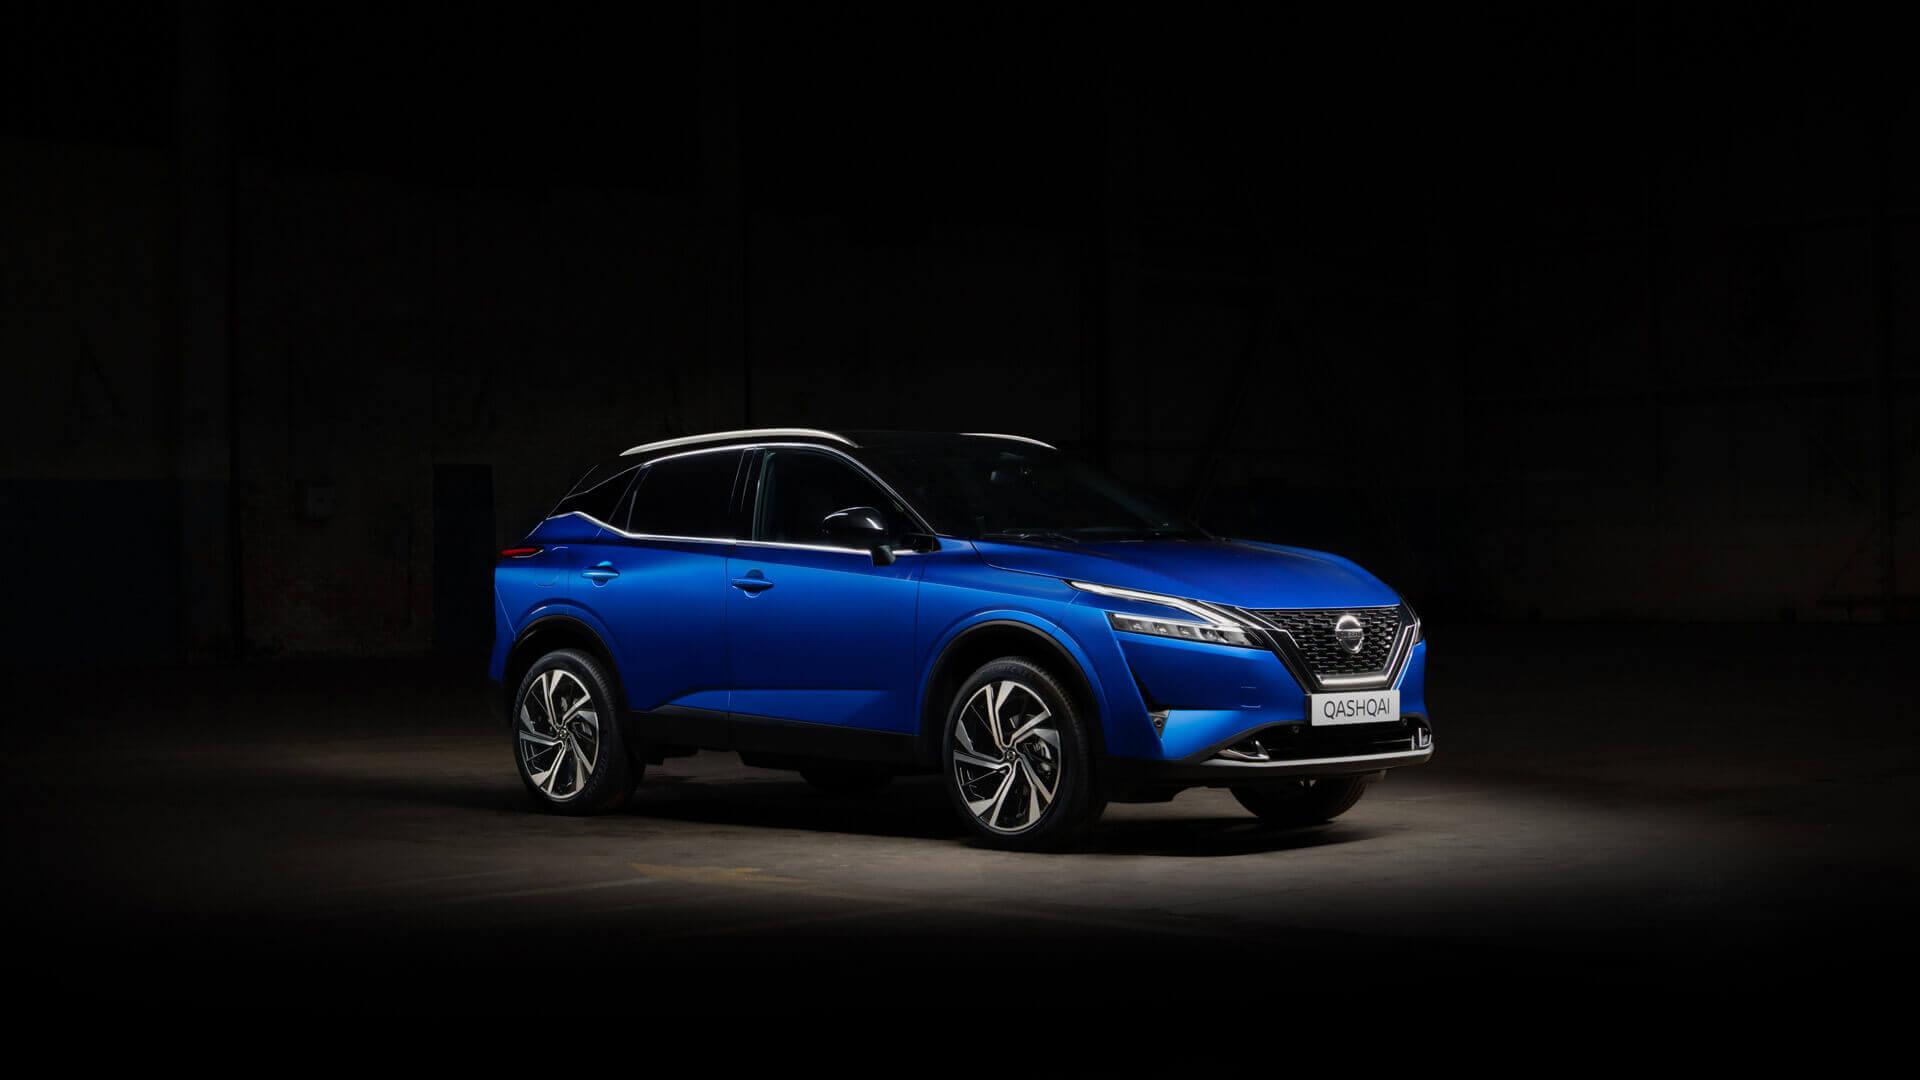 Nissan Qashqai 2021 года для европейского рынка получил инновационную систему e-POWER